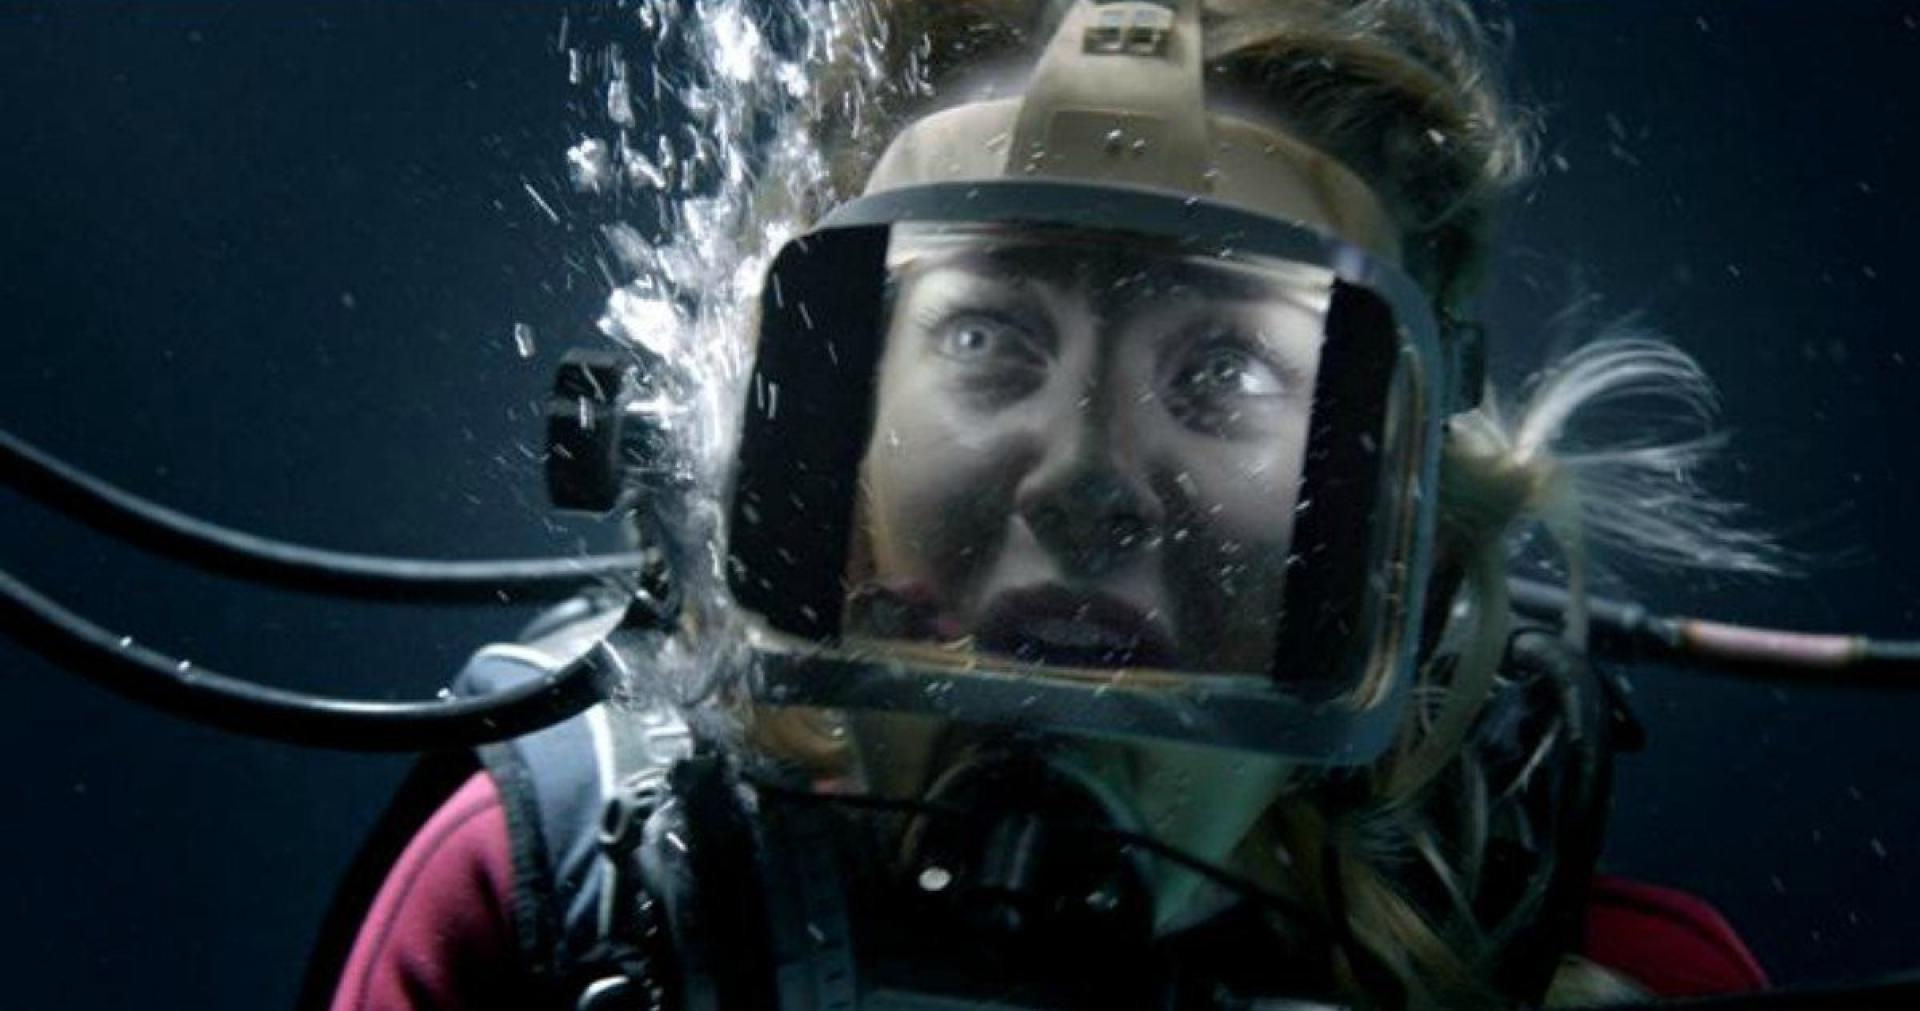 In the Deep / 47 Meters Down (2016)